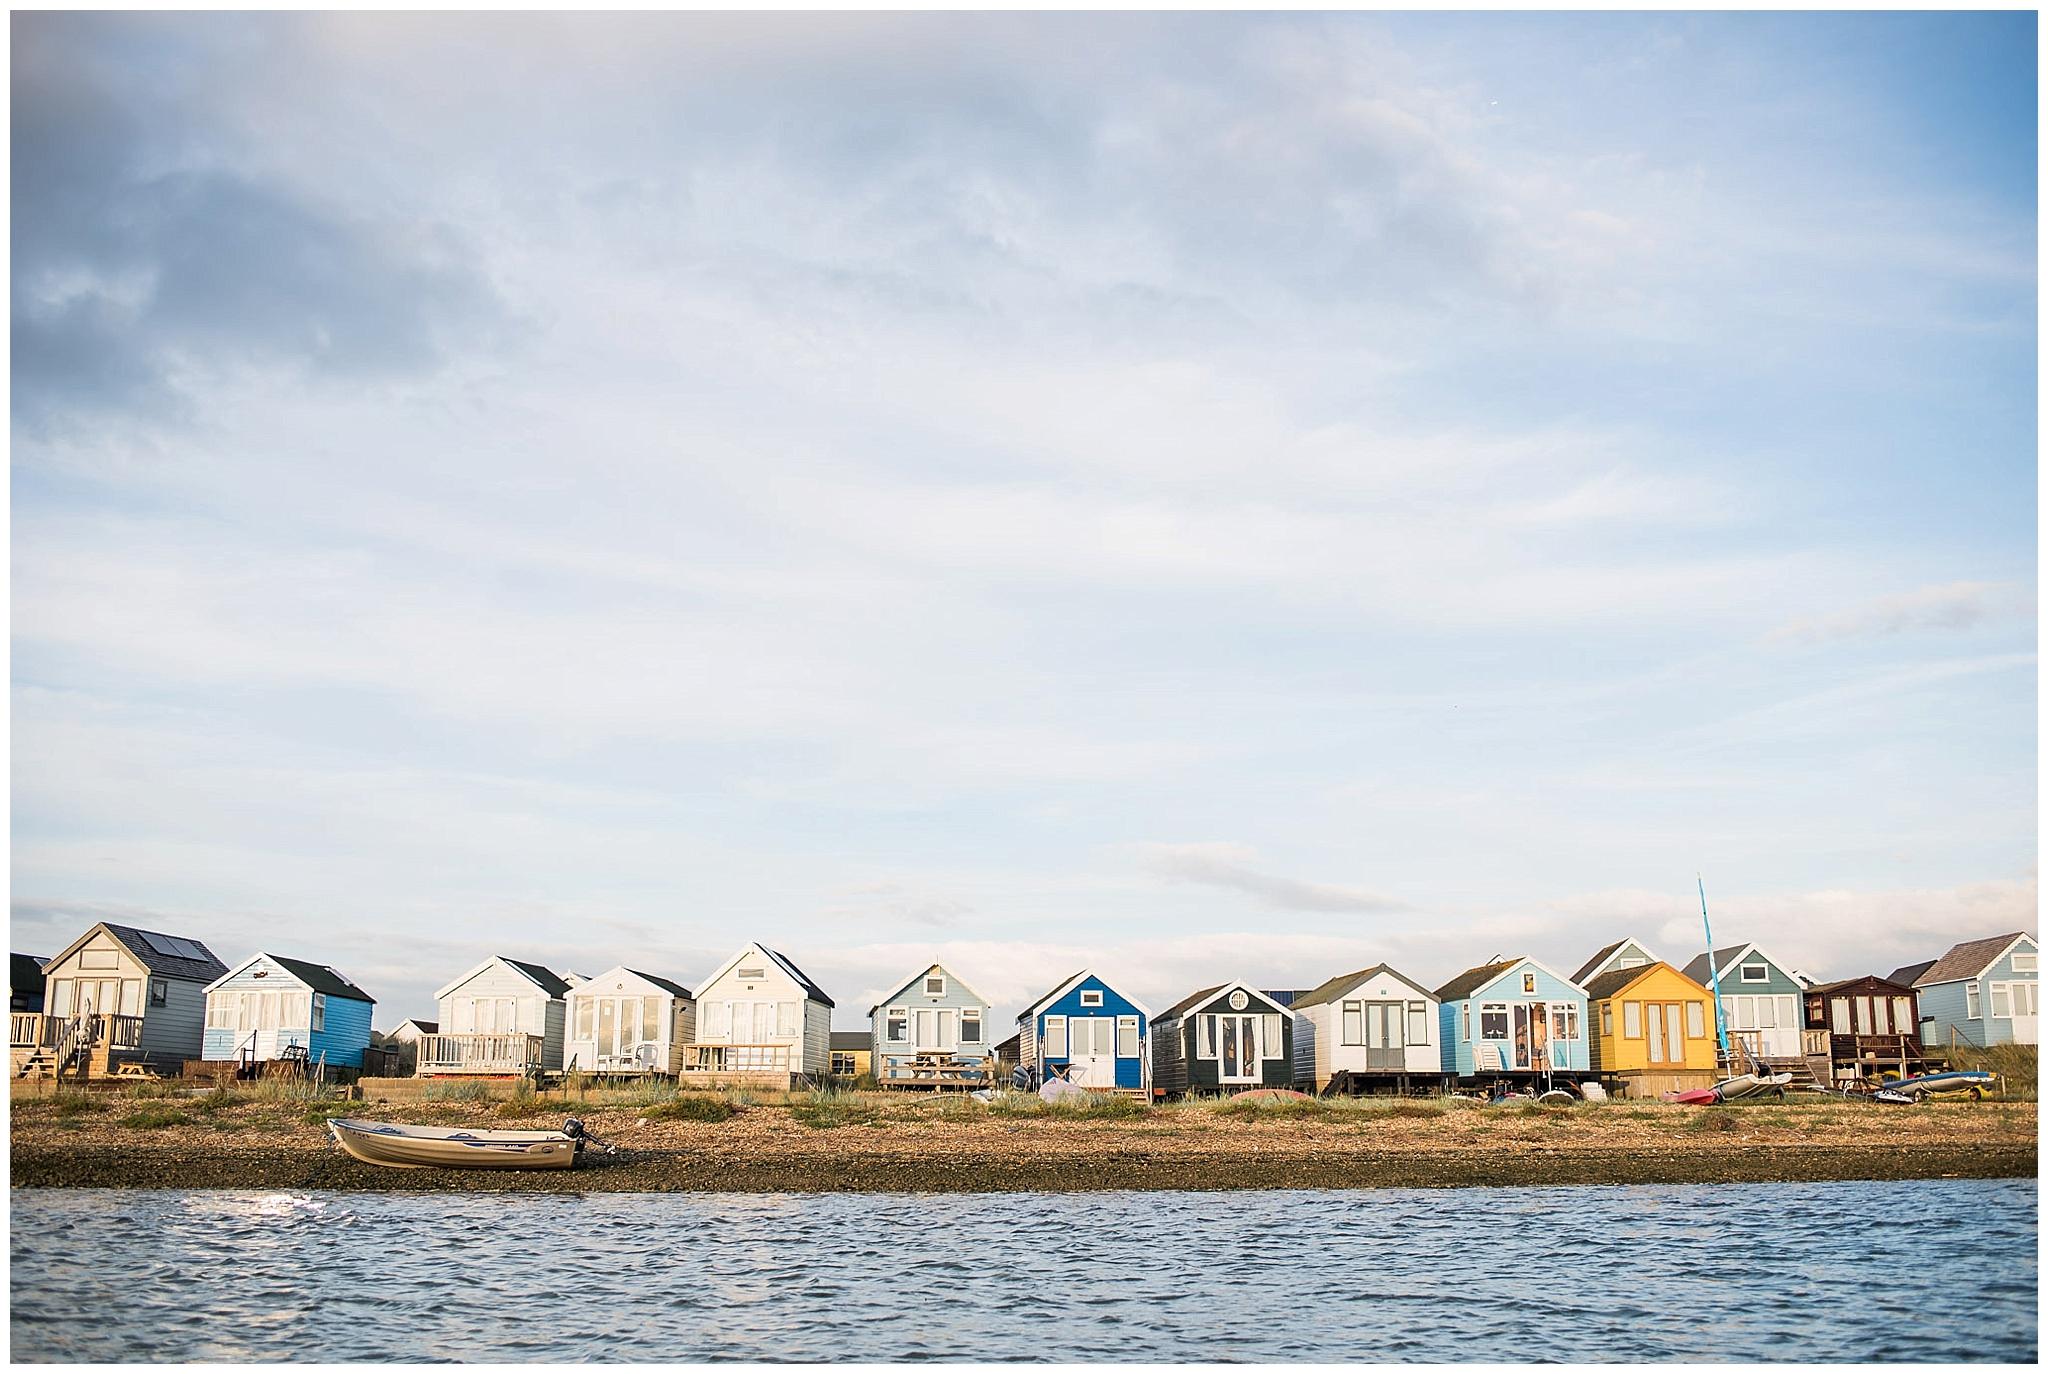 Hengistbury Head Beach Huts